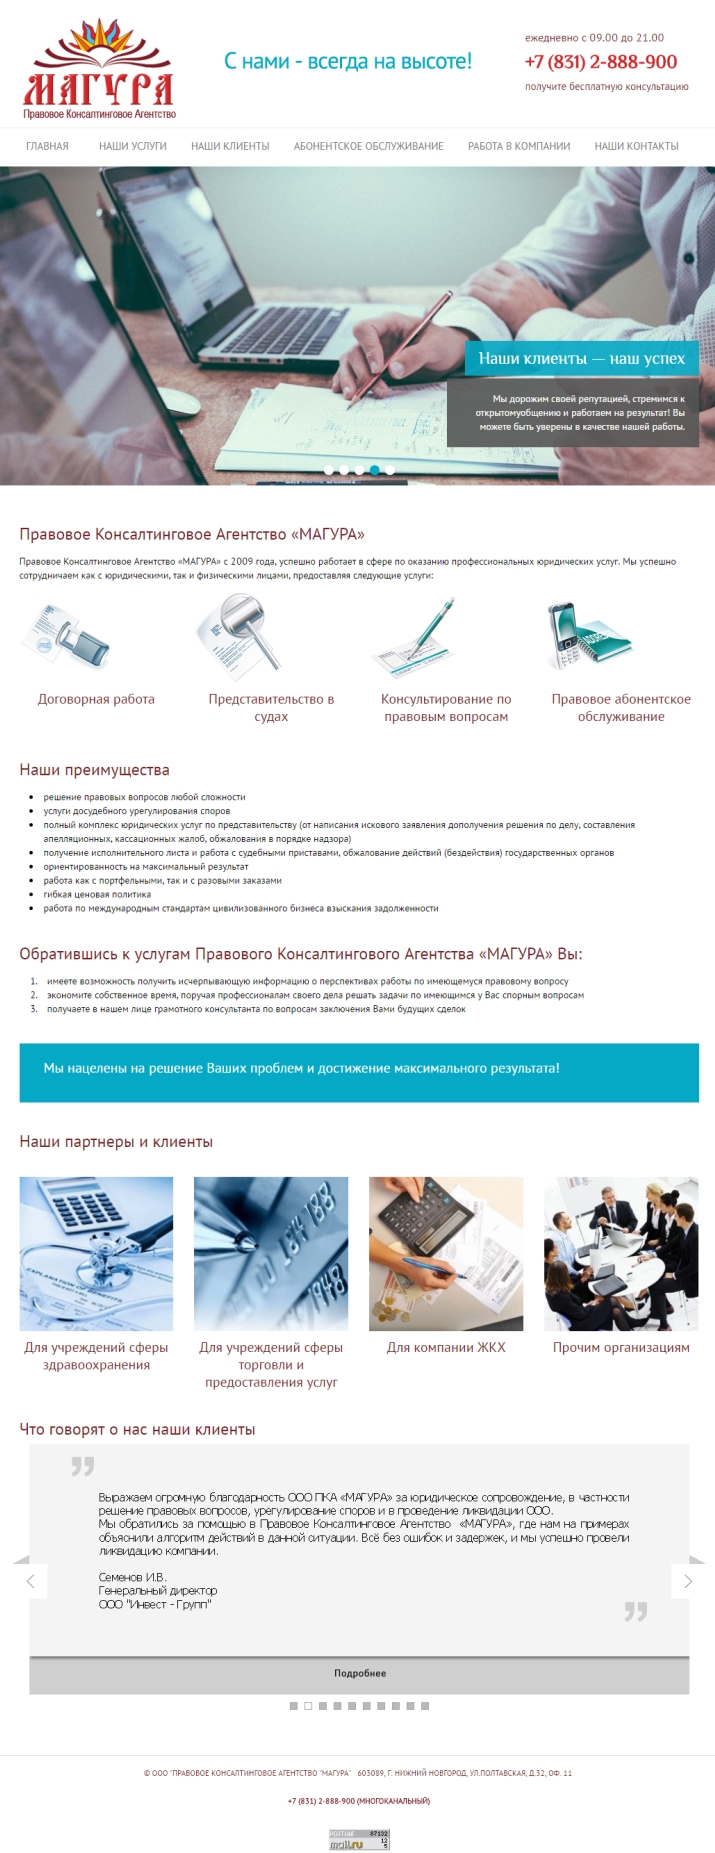 Разработка, создание и наполнение сайта консалтингового агентства